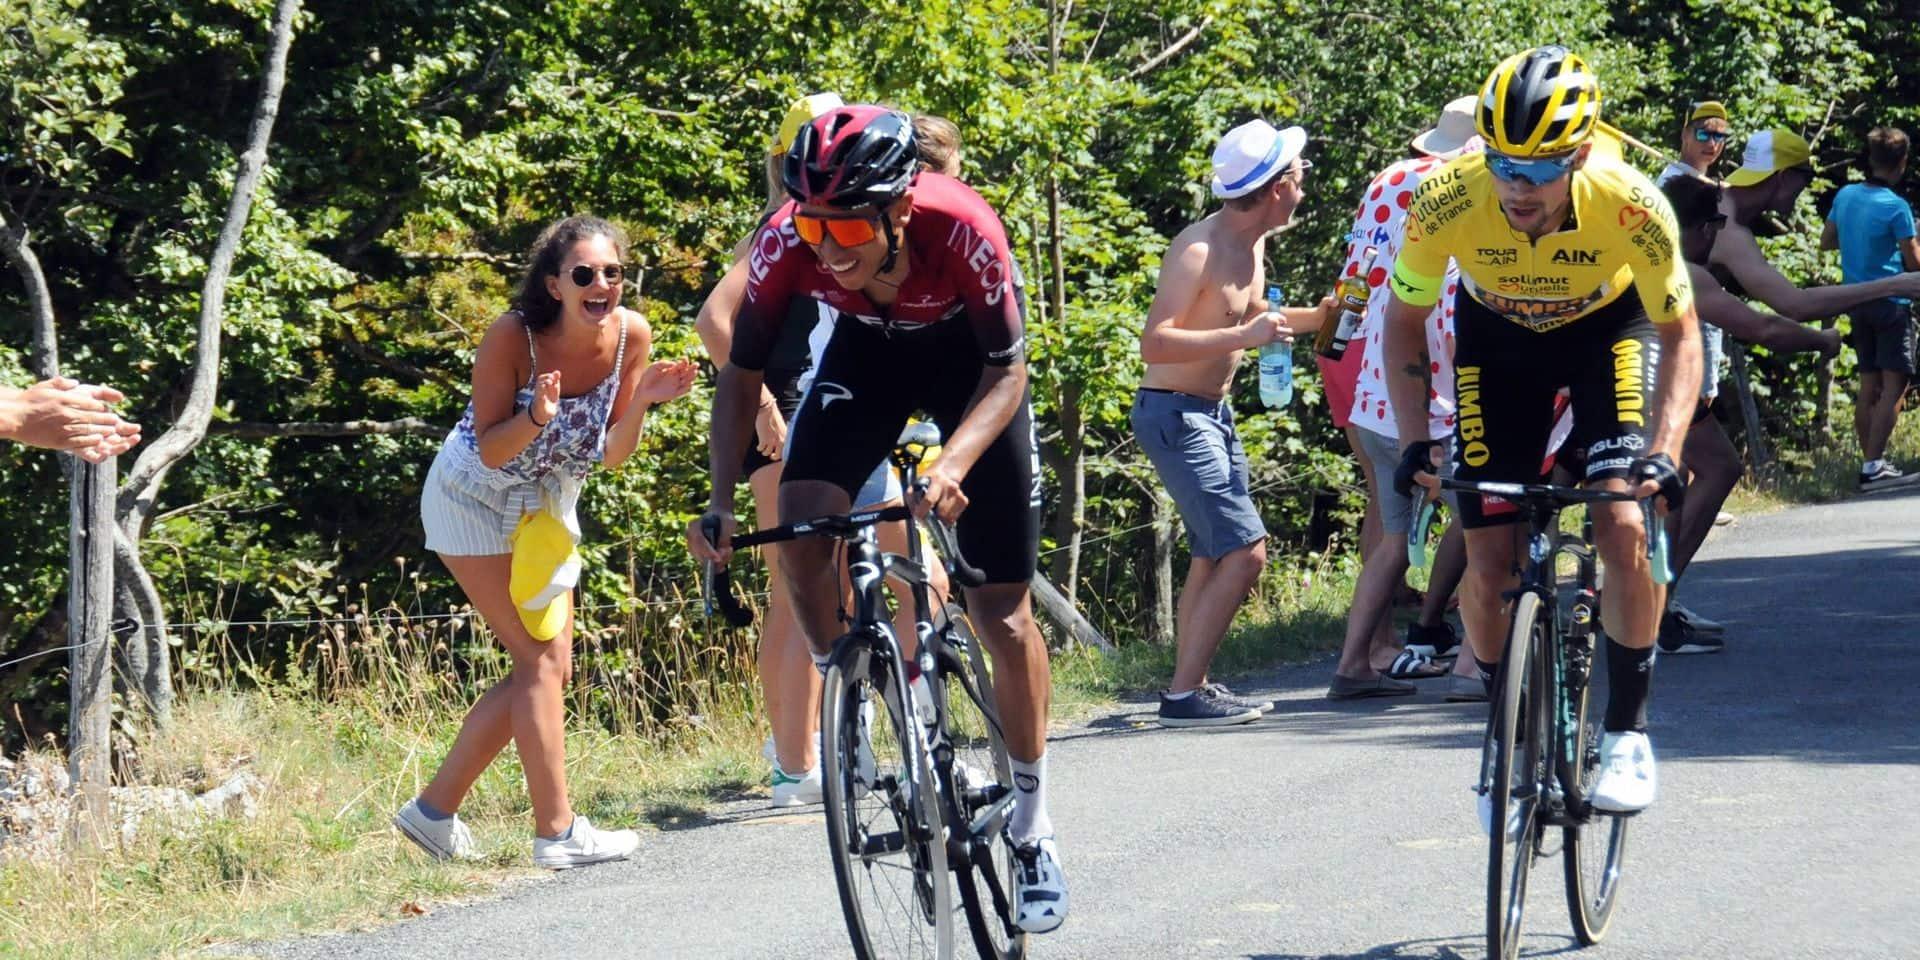 Tour de l'Ain 2020 - Stage 3